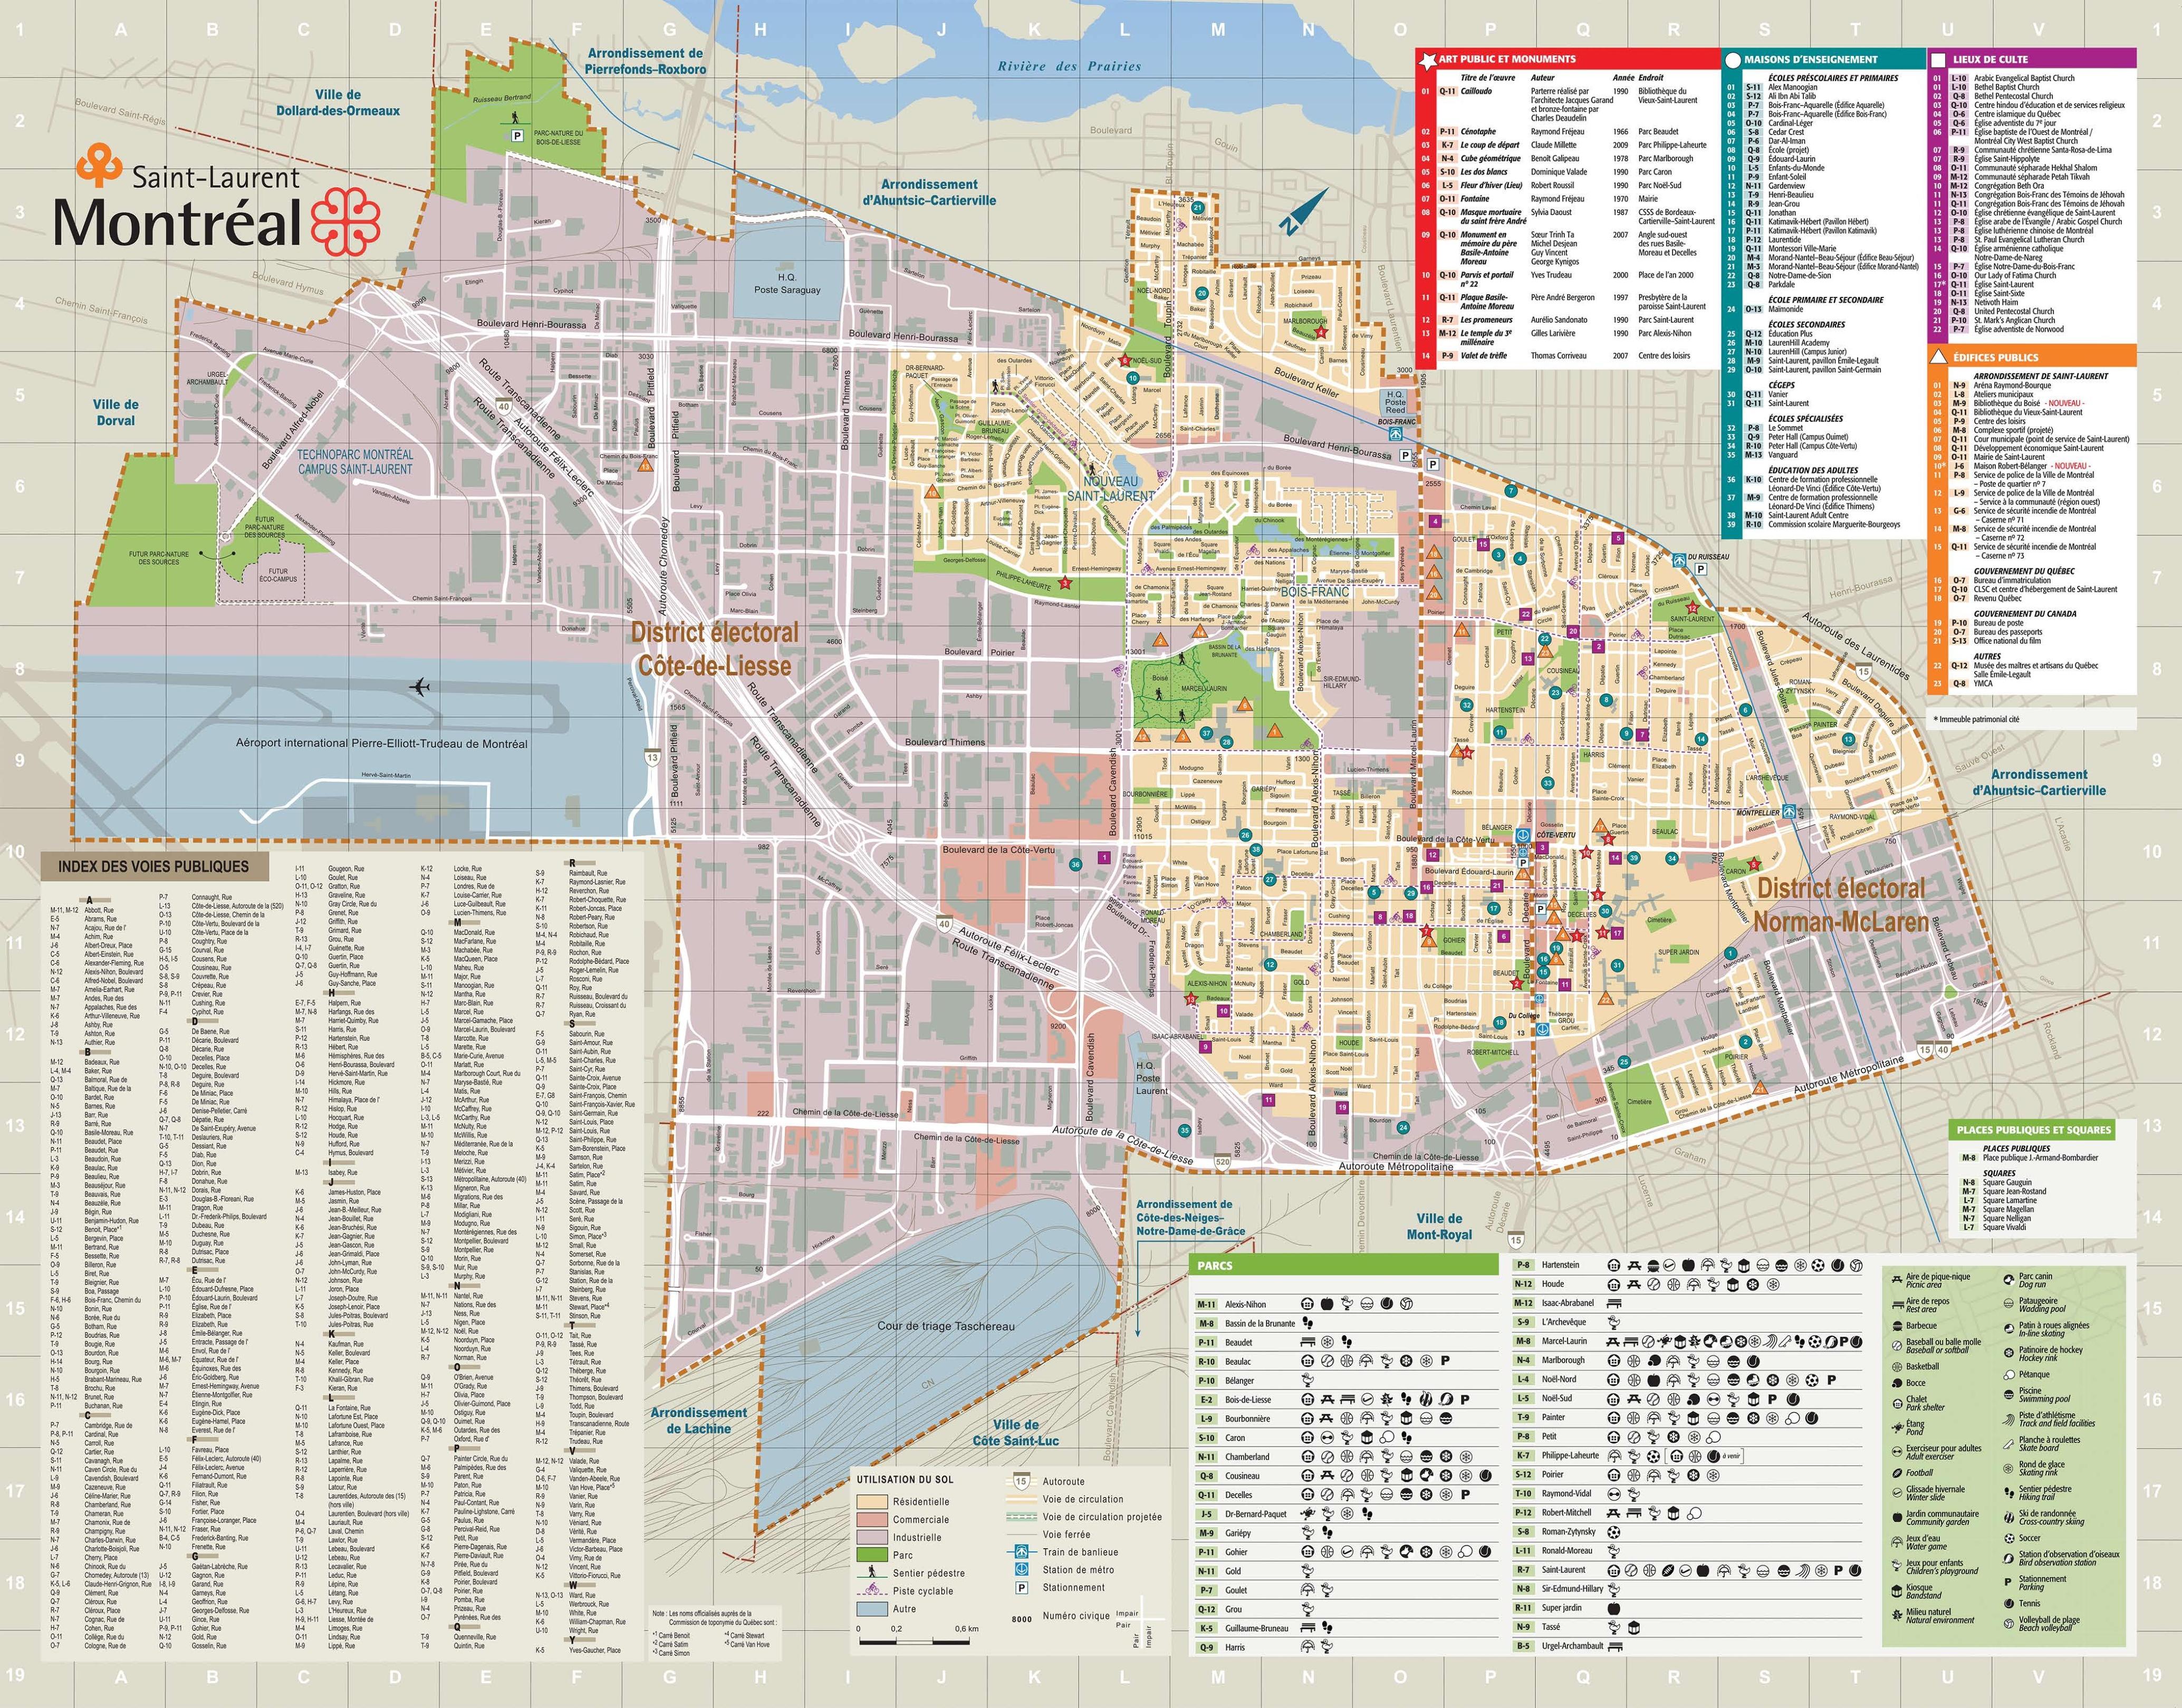 SaintLaurent map